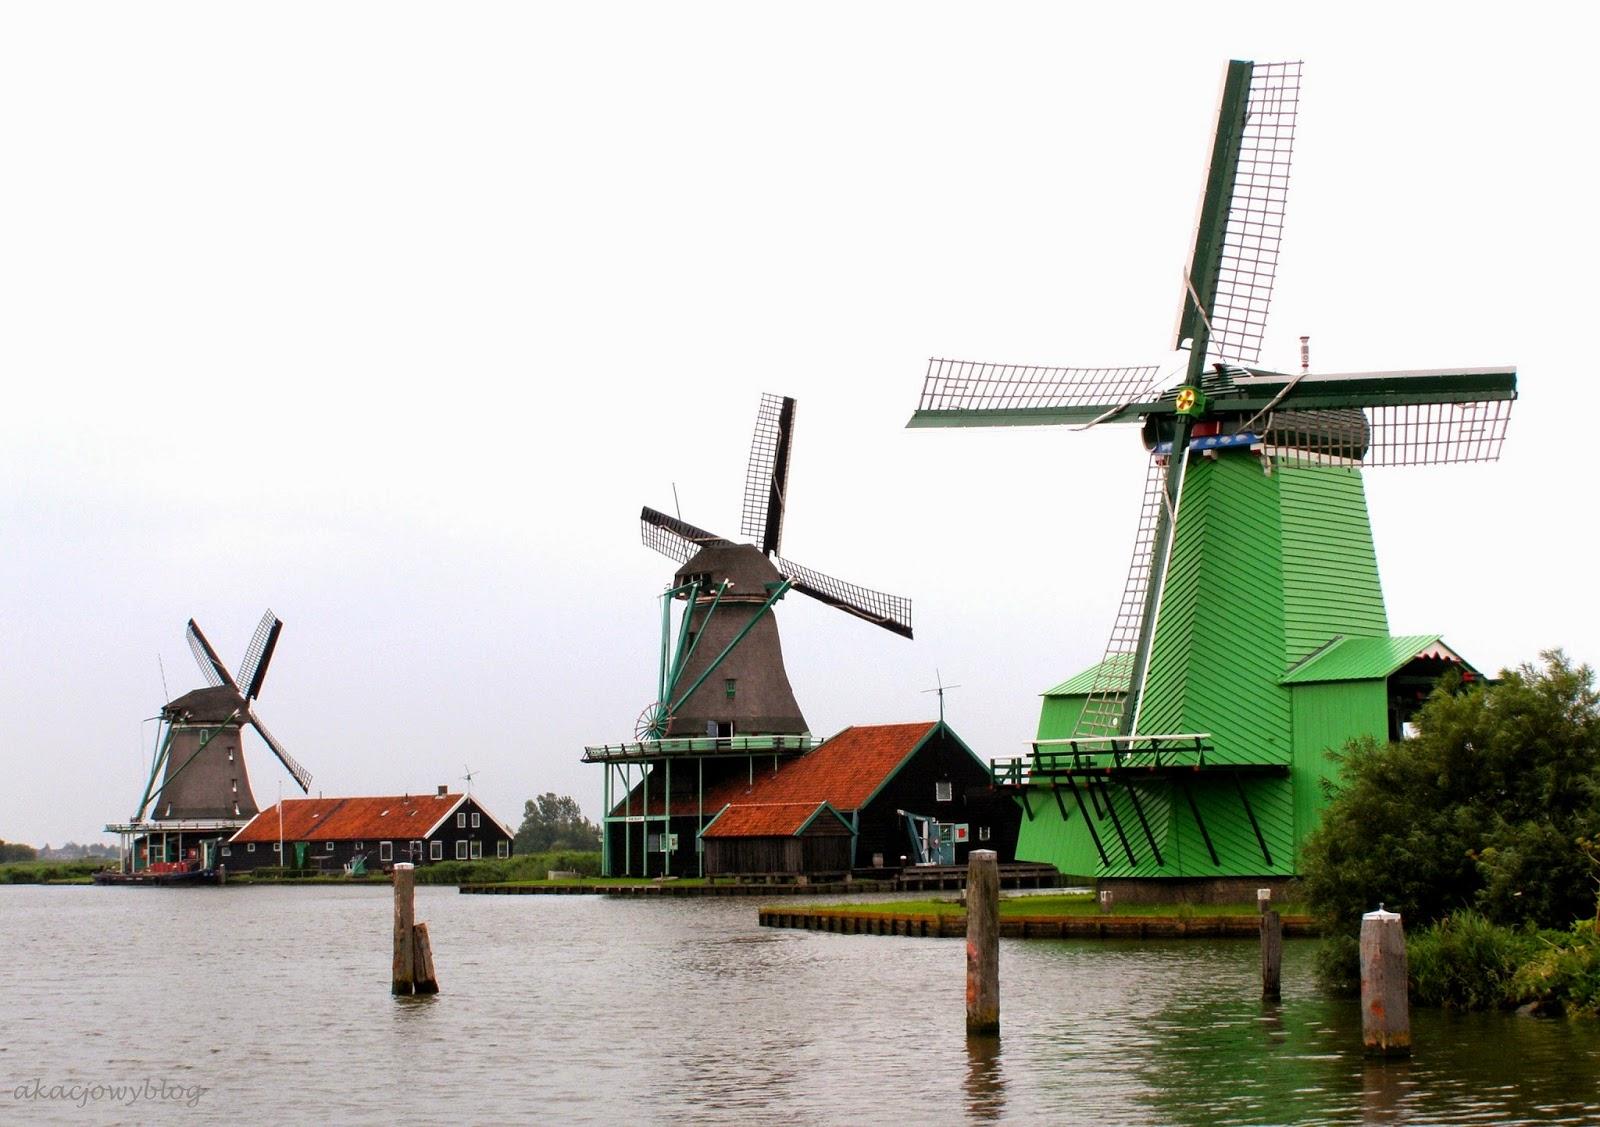 Holandia - skansen Zaanse Schans.